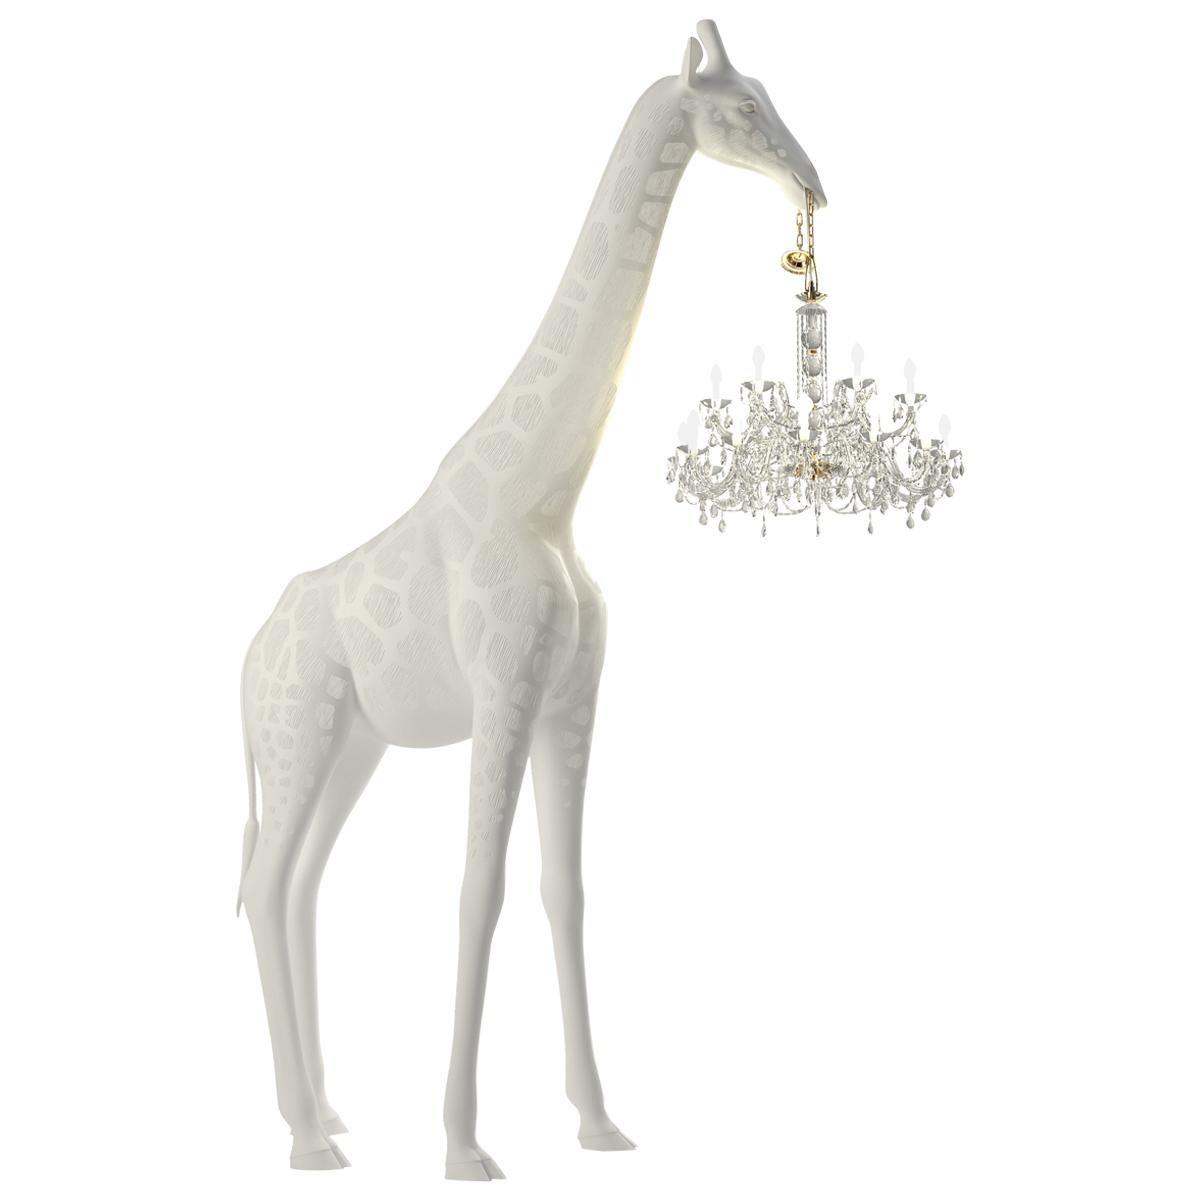 Modern 13 Foot White Giraffe Indoor or Outdoor Chandelier Lamp By Marcantonio